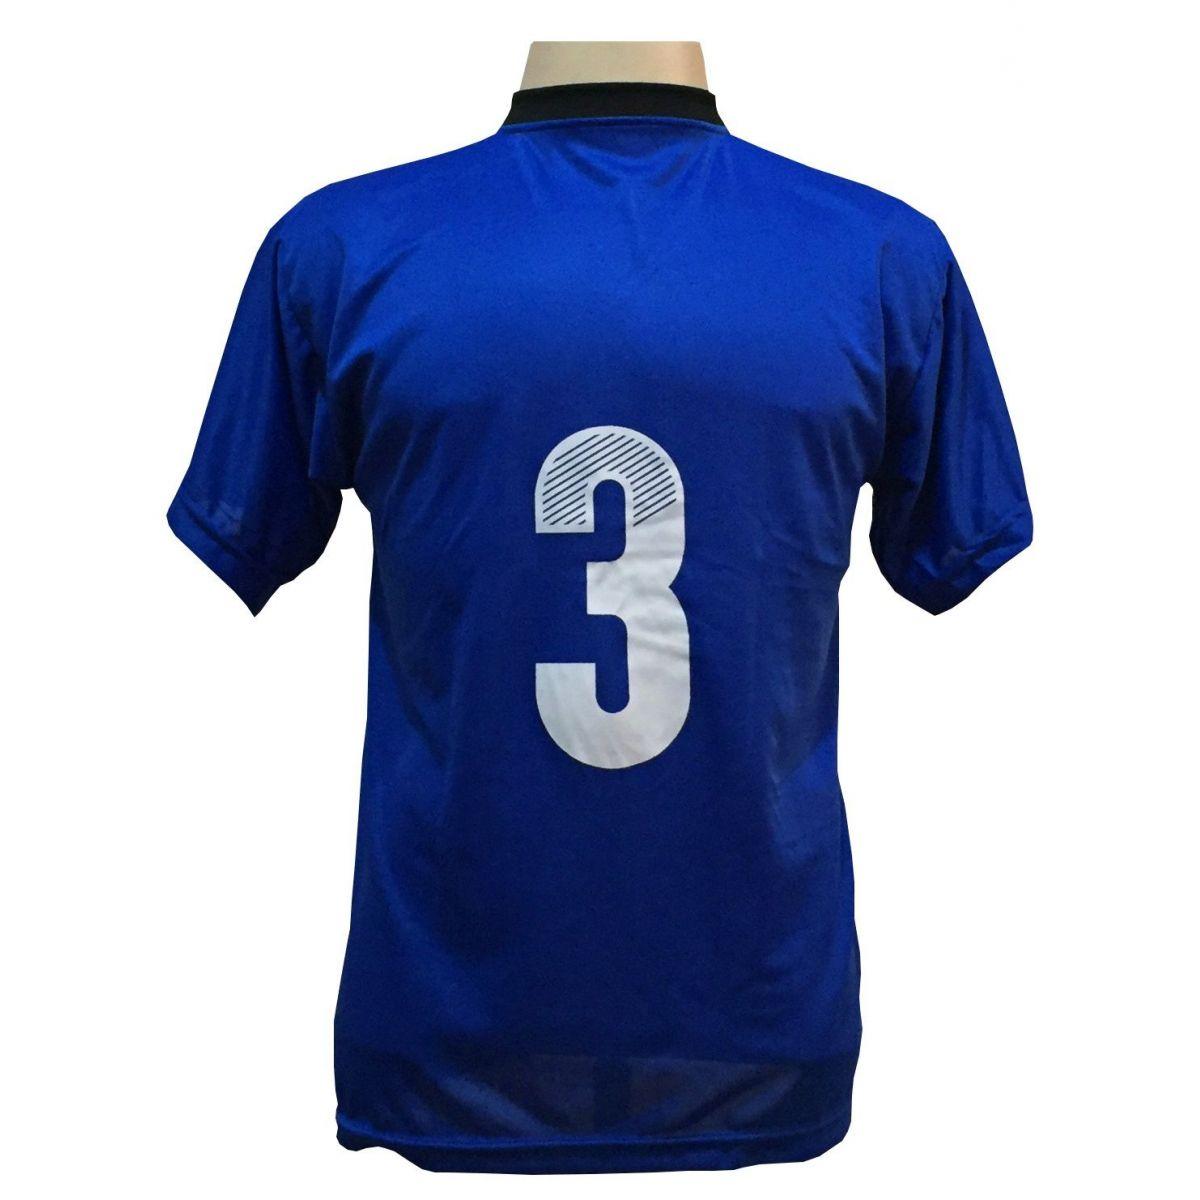 Uniforme Completo modelo Roma 18+1 (18 Camisas Royal/Preto + 18 Calções Madrid Preto + 18 Pares de Meiões Royal + 1 Conjunto de Goleiro) + Brindes